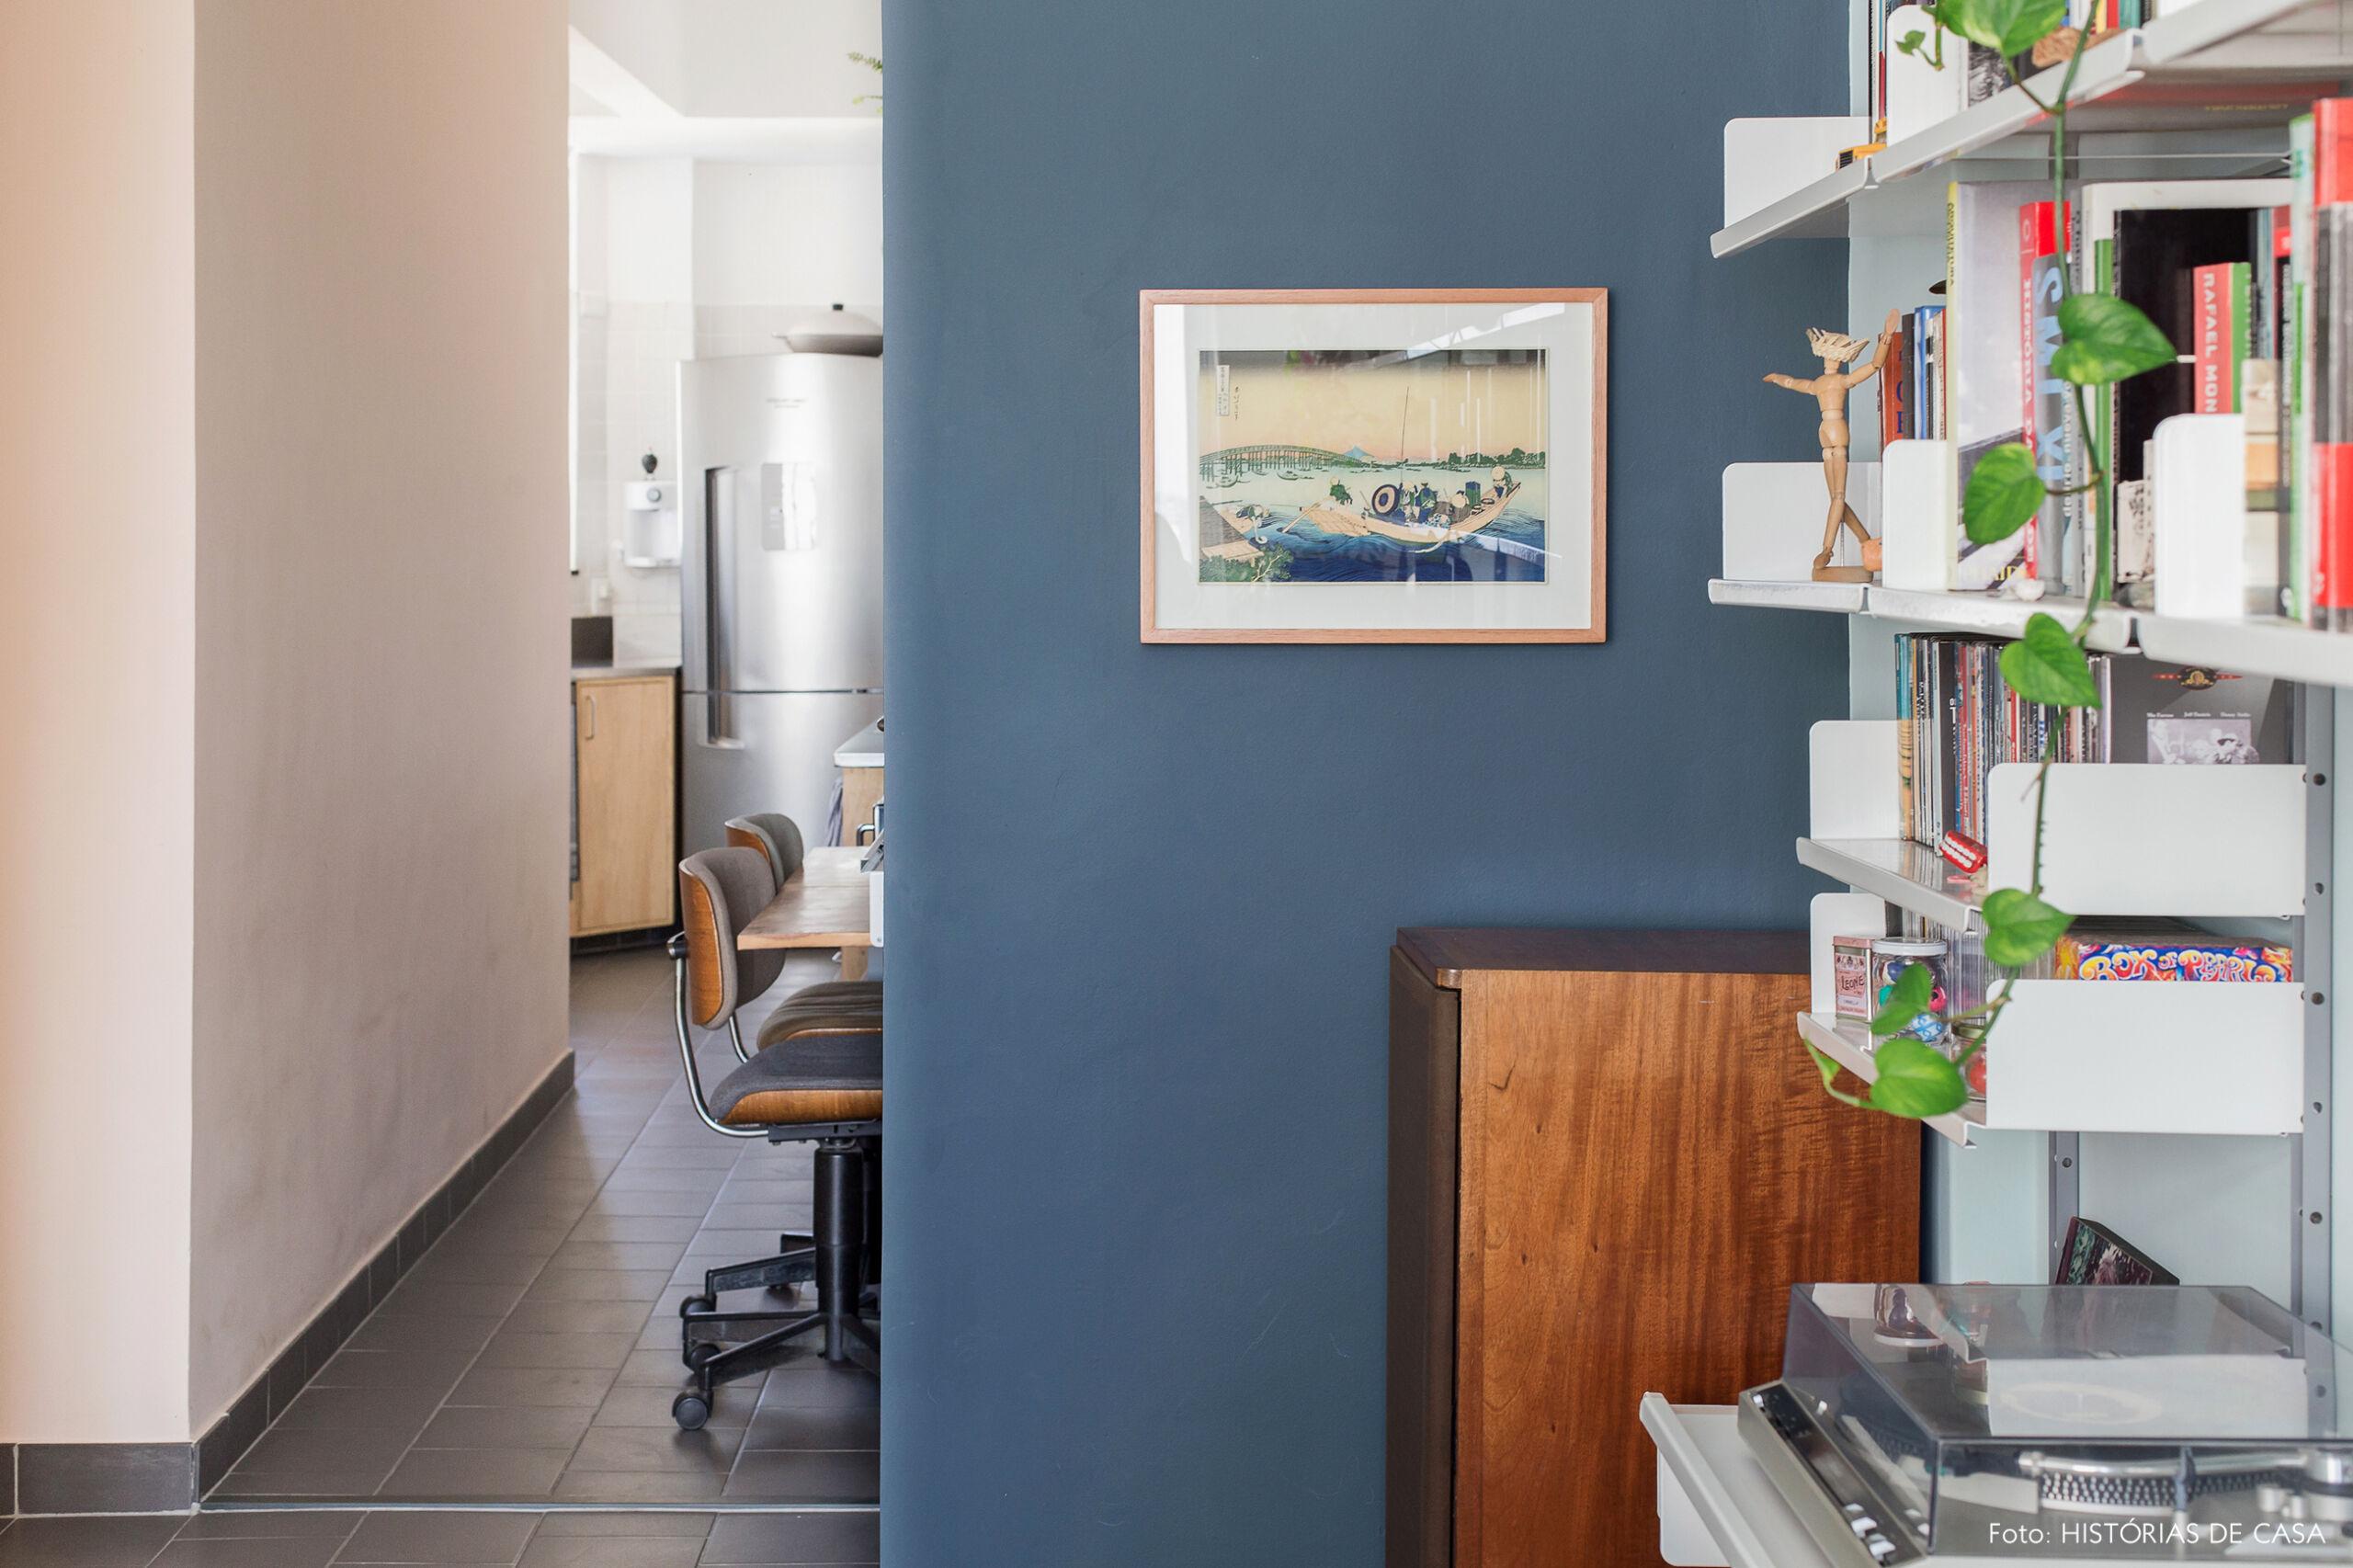 Parede azul escura na entrada do apartamento